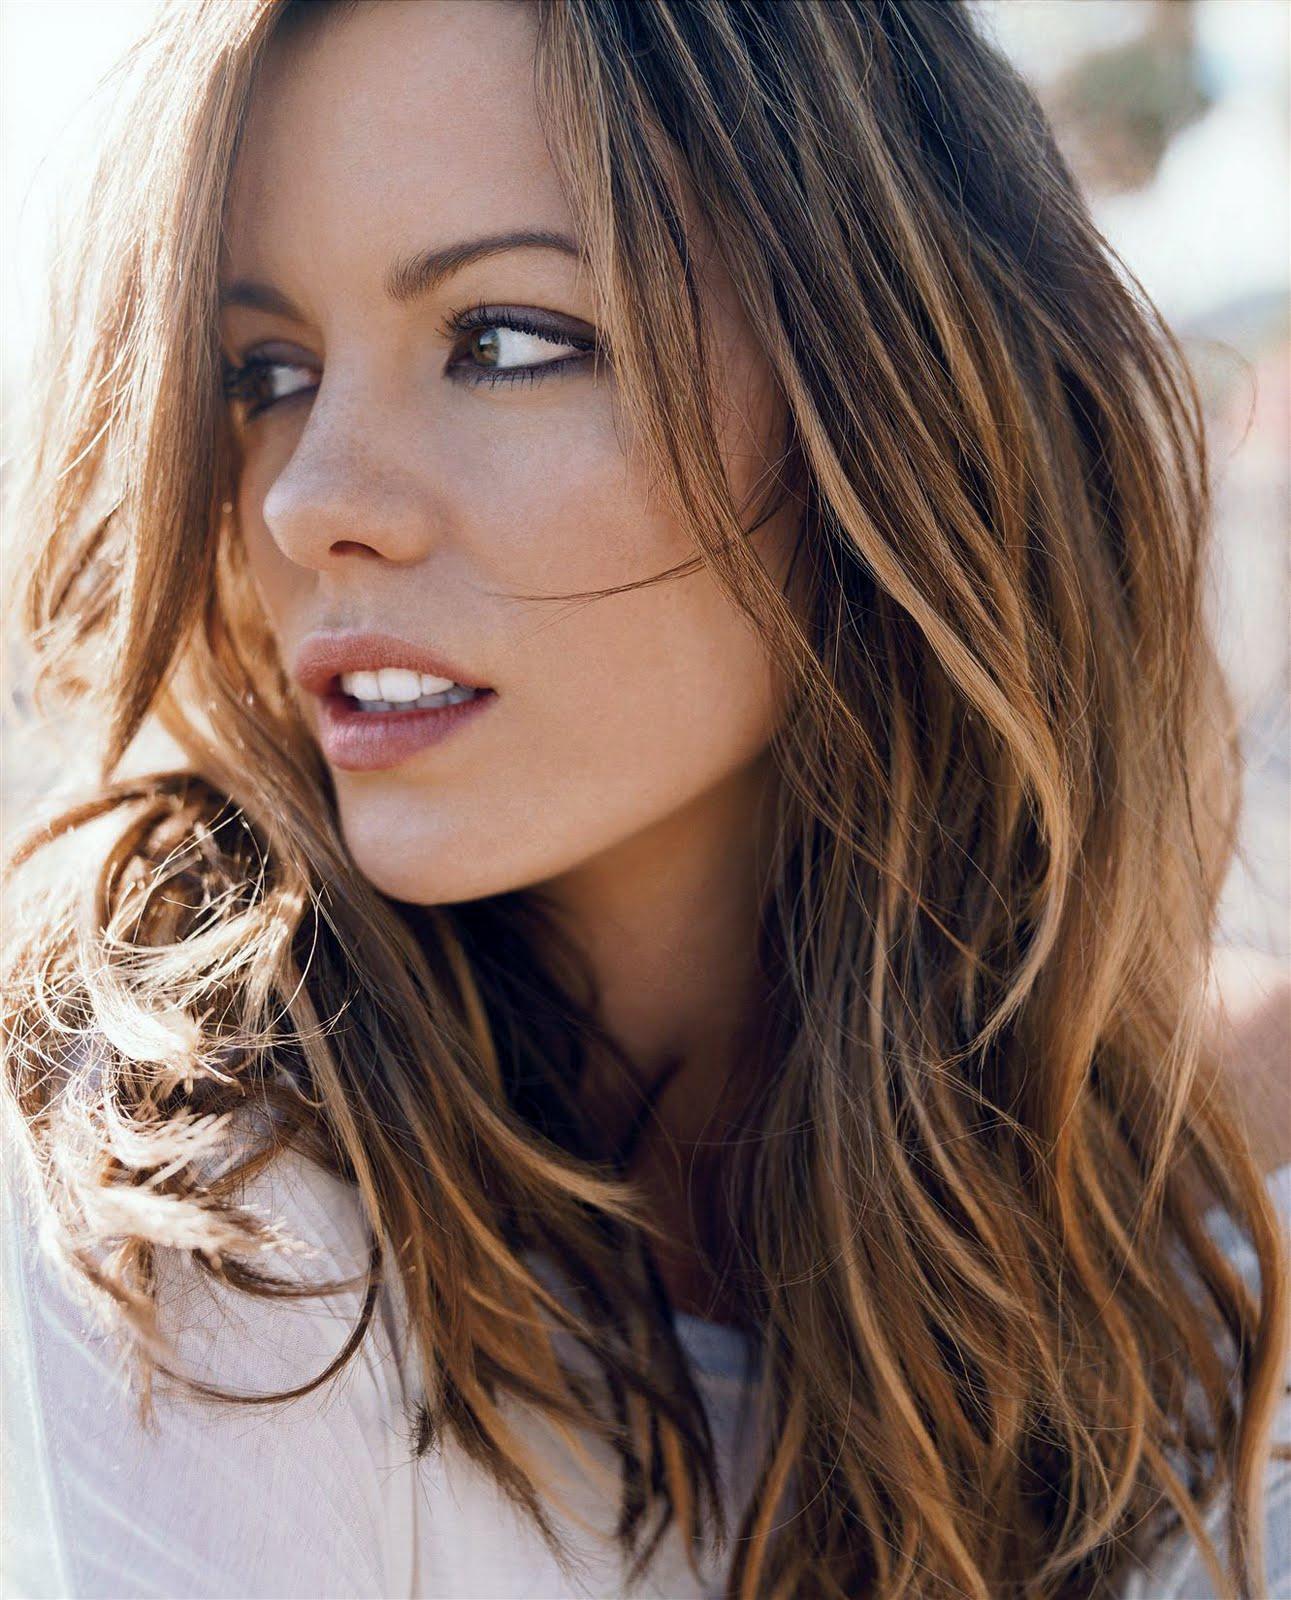 Best Hair Color For Light Hazel Eyes: Kate Beckinsale: Biography And Career